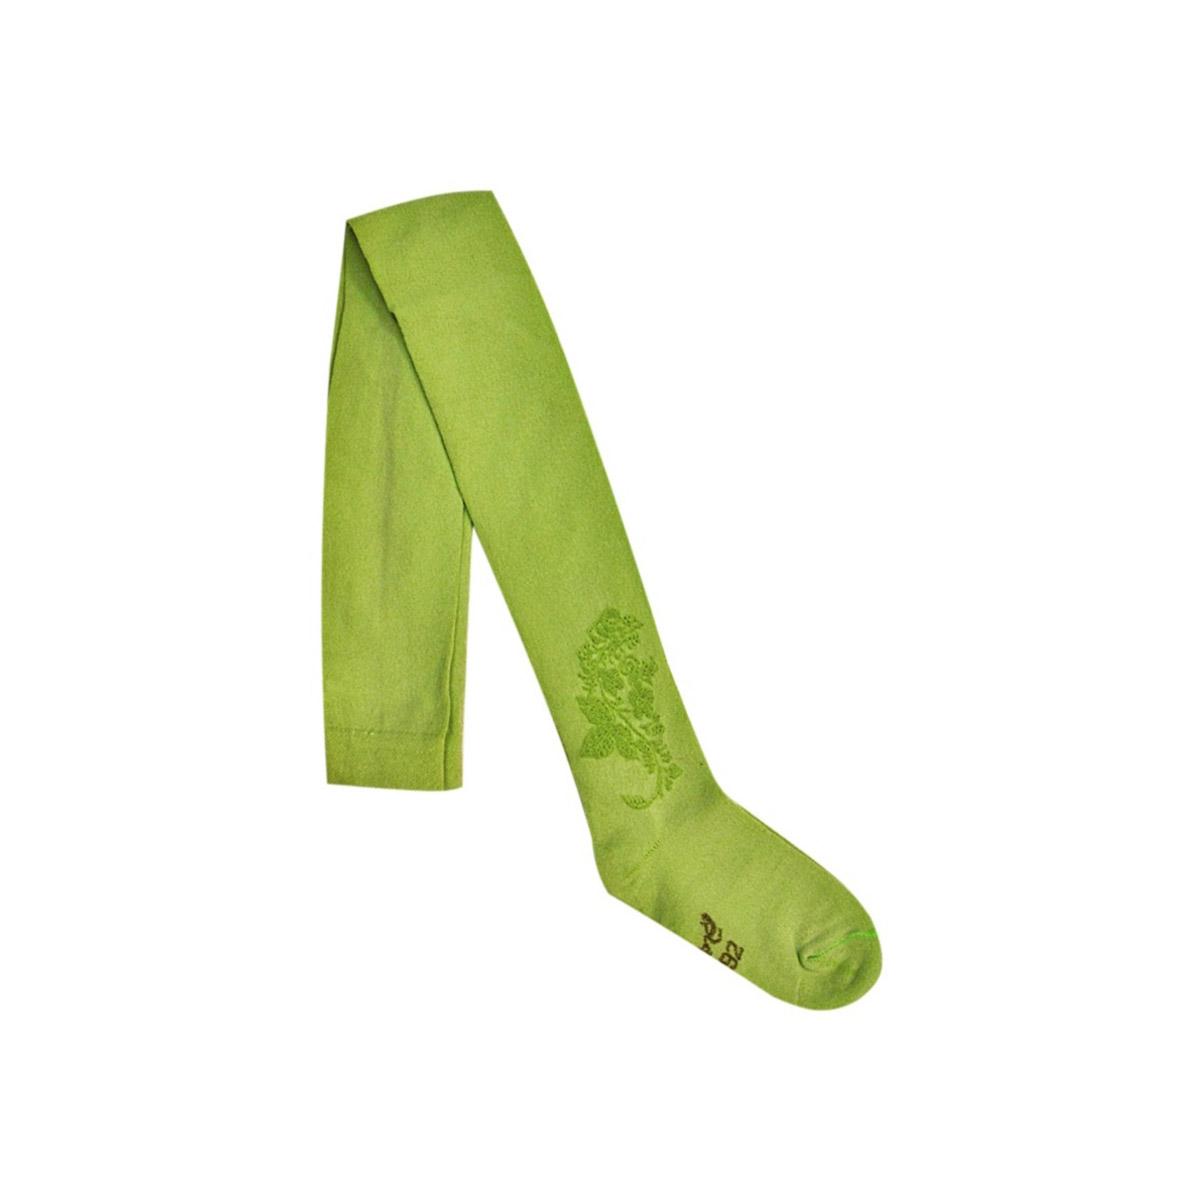 Колготки однотонные Ёмаё с ажурным рисунком рост 98-104 светло зеленый<br>